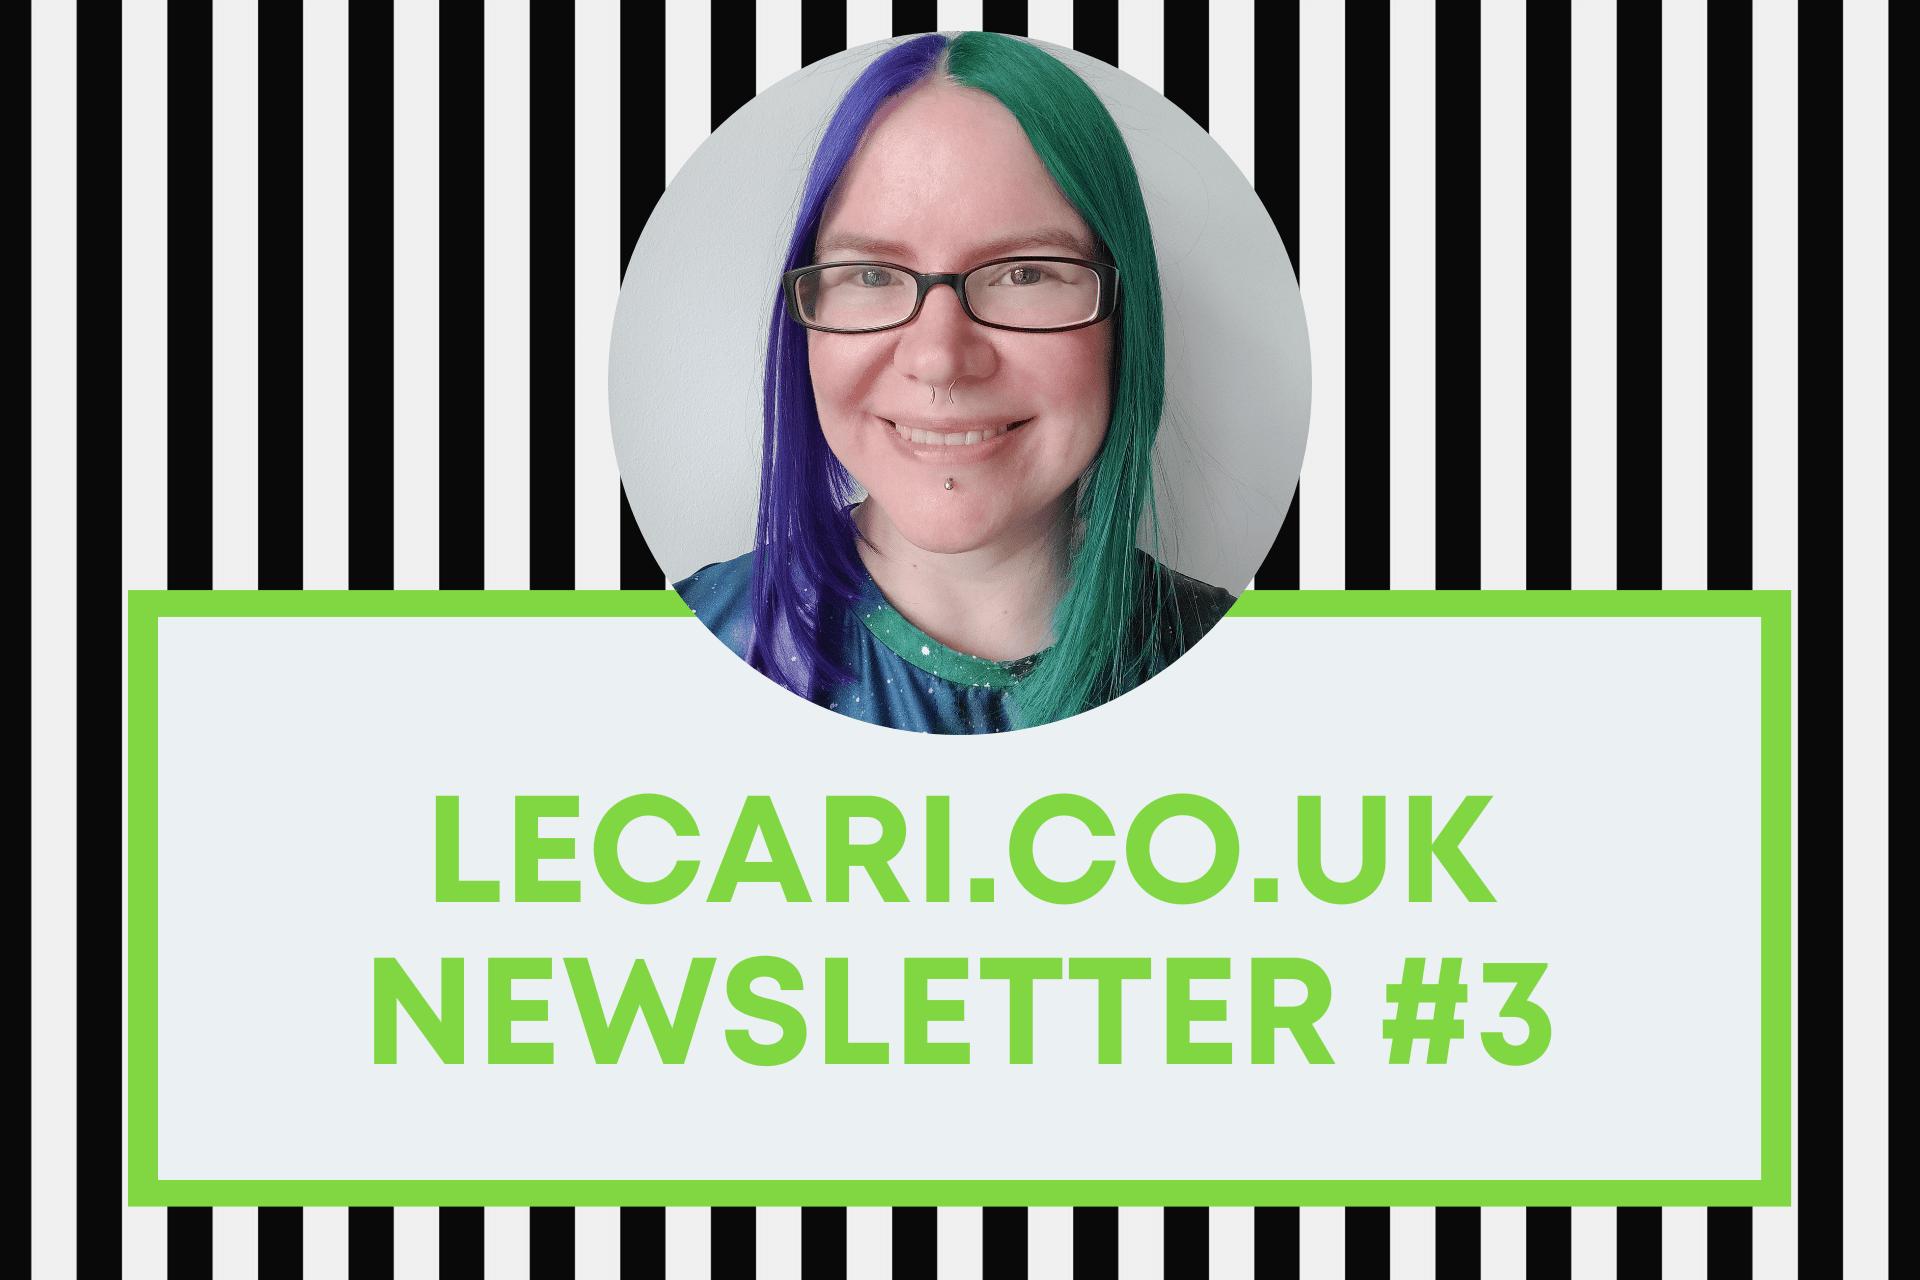 Lecari.co.uk Newsletter #3